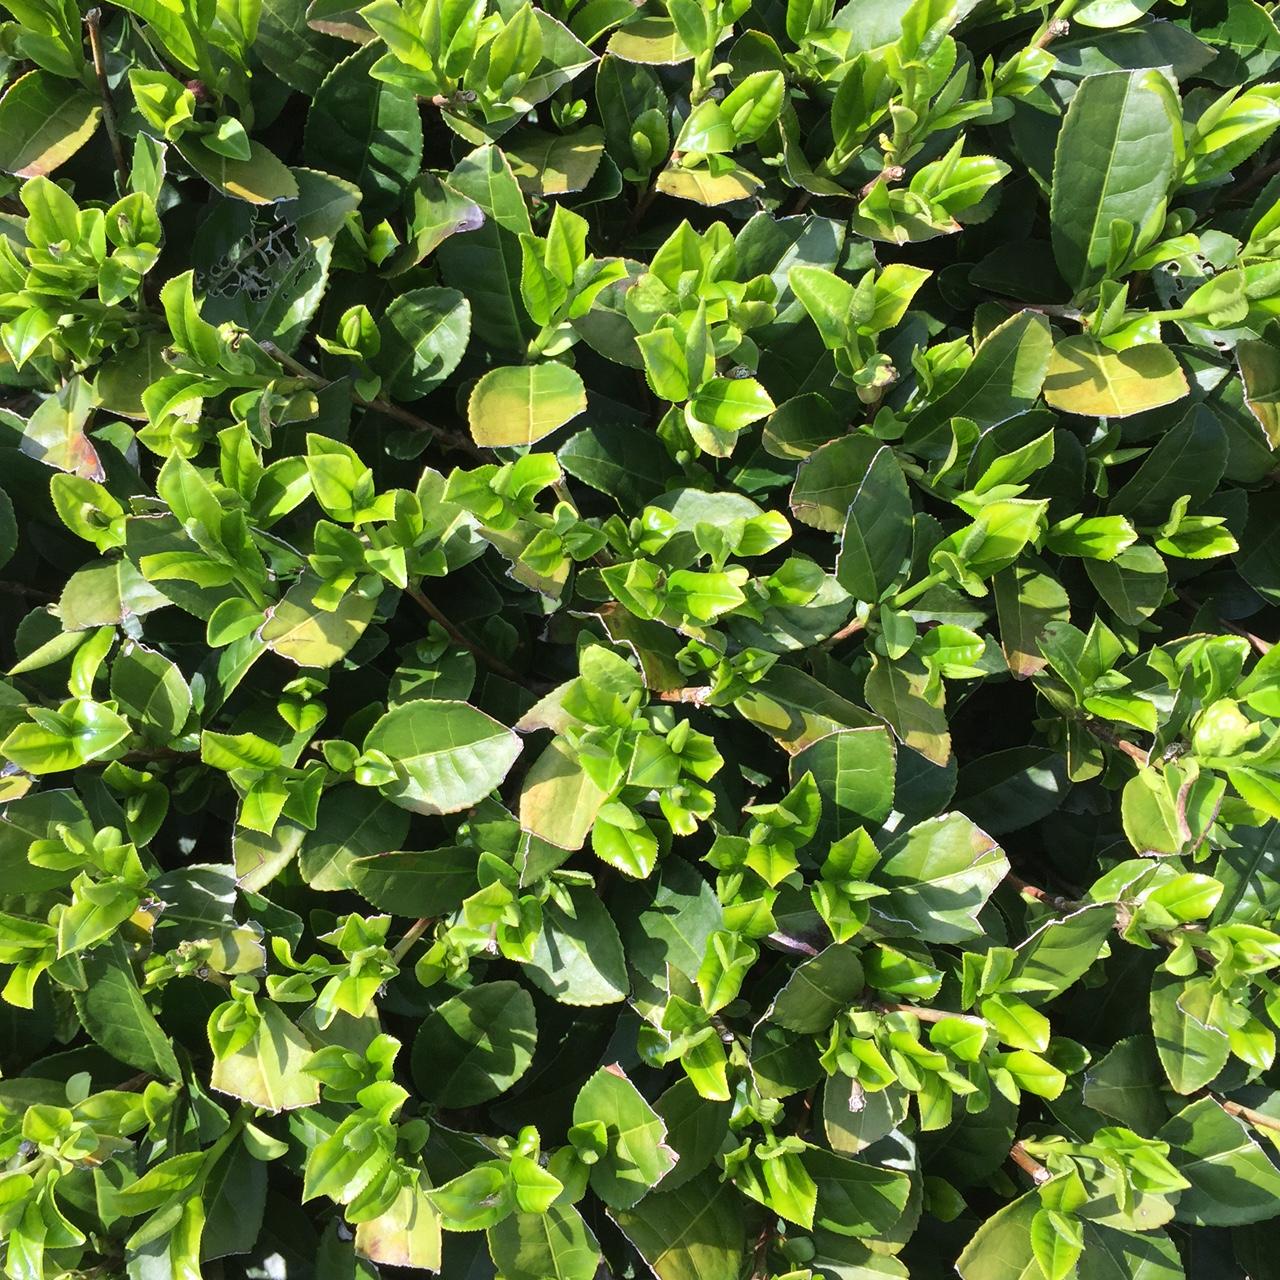 2017年4月12日かごしま緑茶の茶園風景です。品種はゆたかみどりです。小さな新芽がすくすく成長しています。